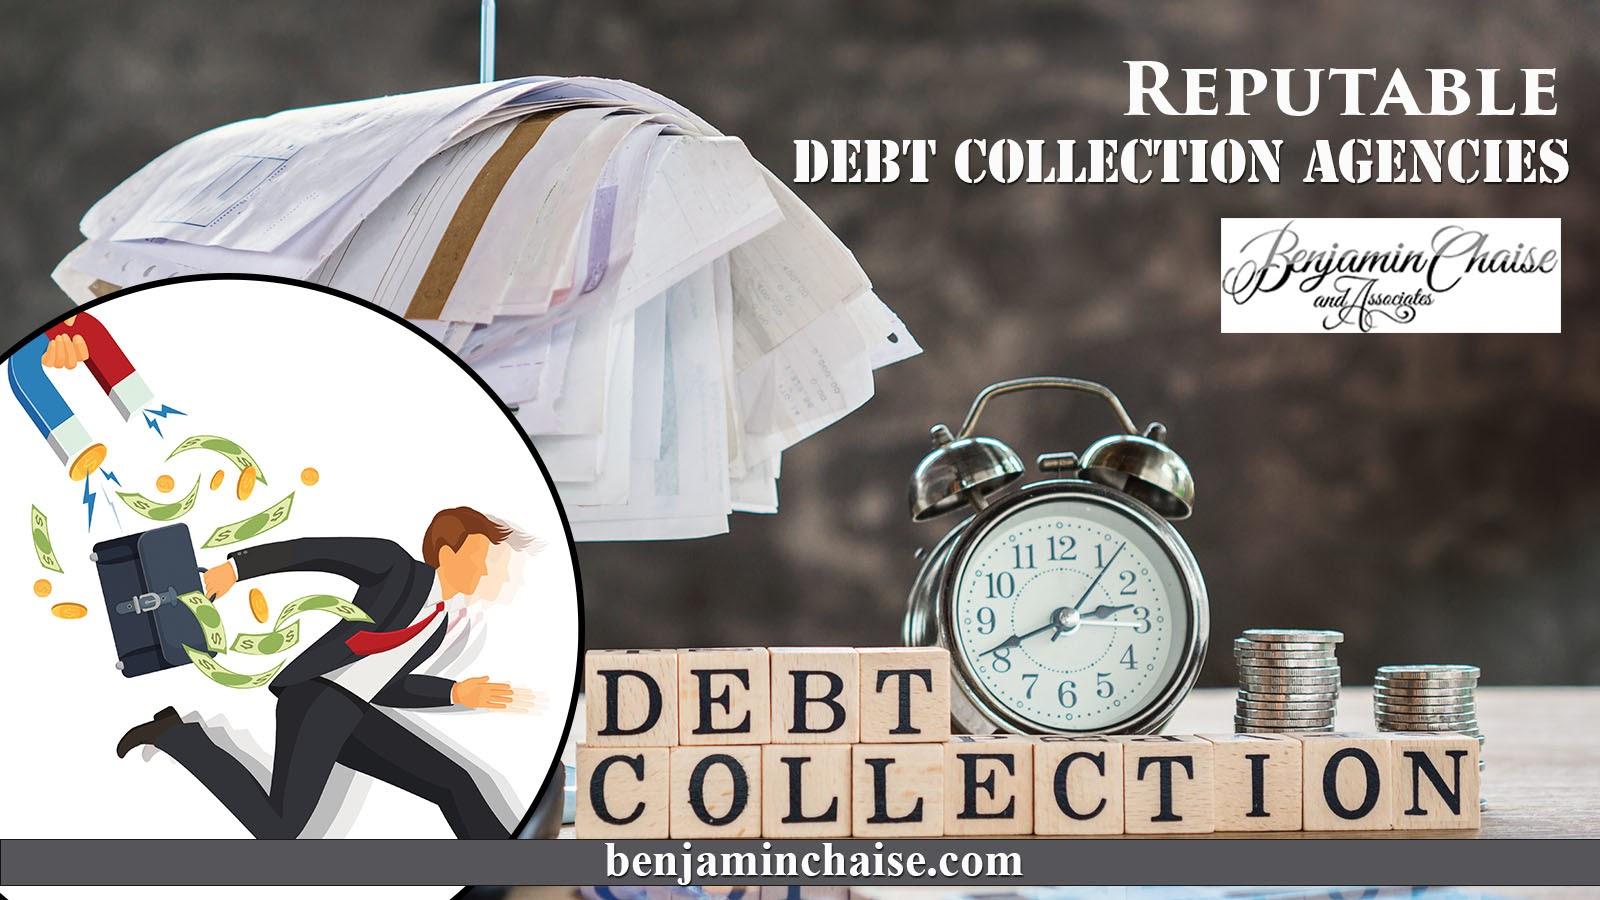 Reputable Debt Collection Agencies